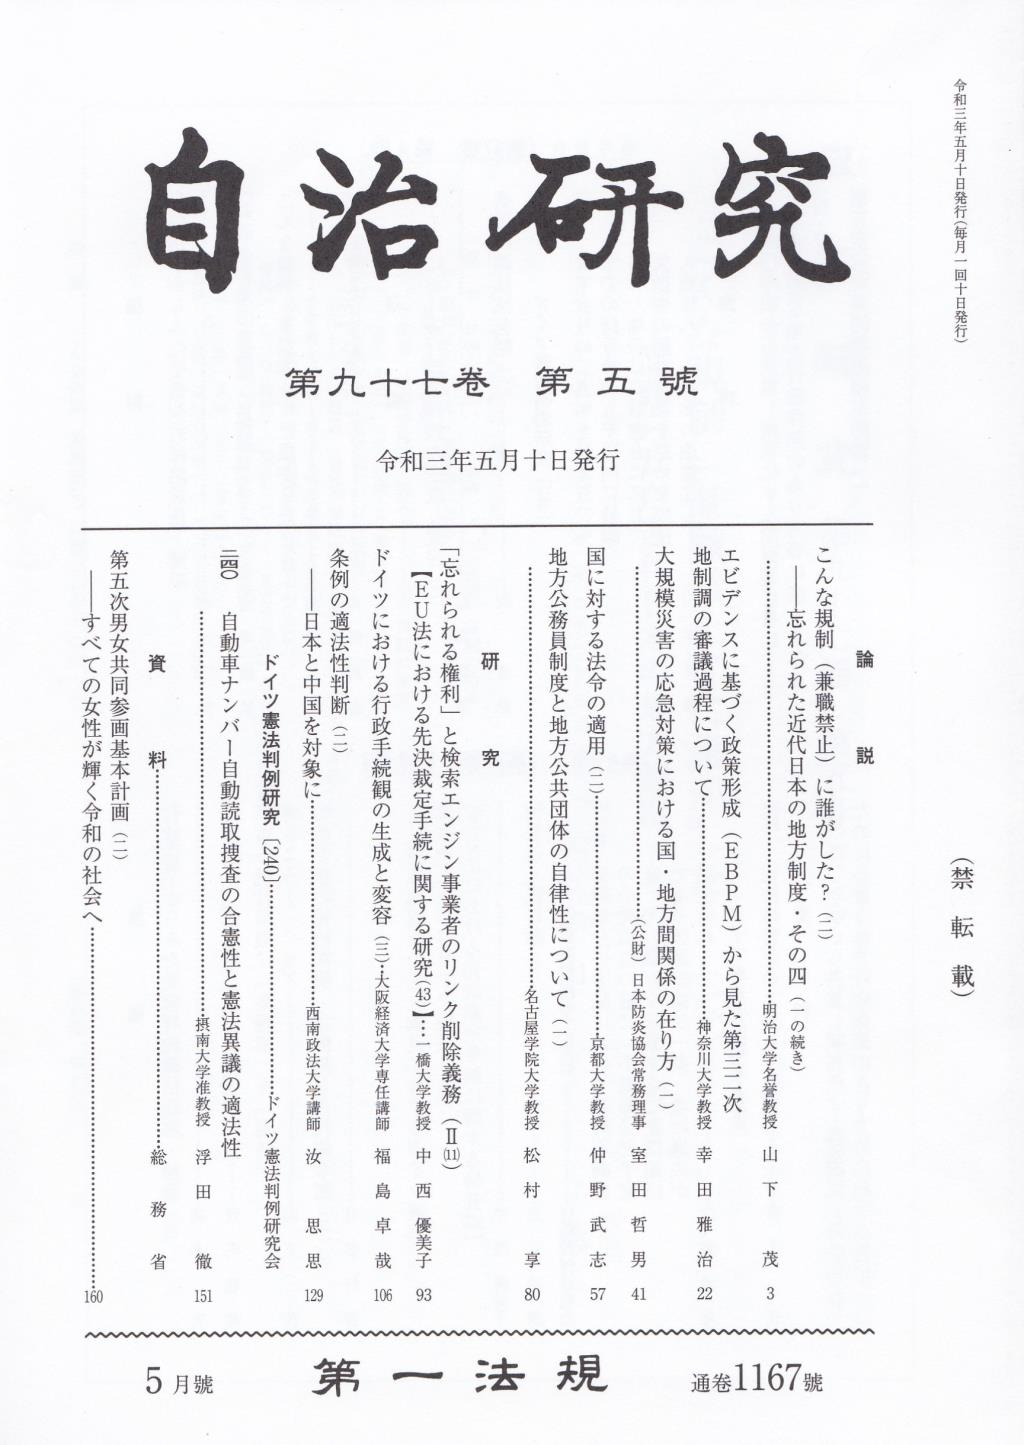 自治研究 第97巻 第5号 通巻1167号 令和3年5月号